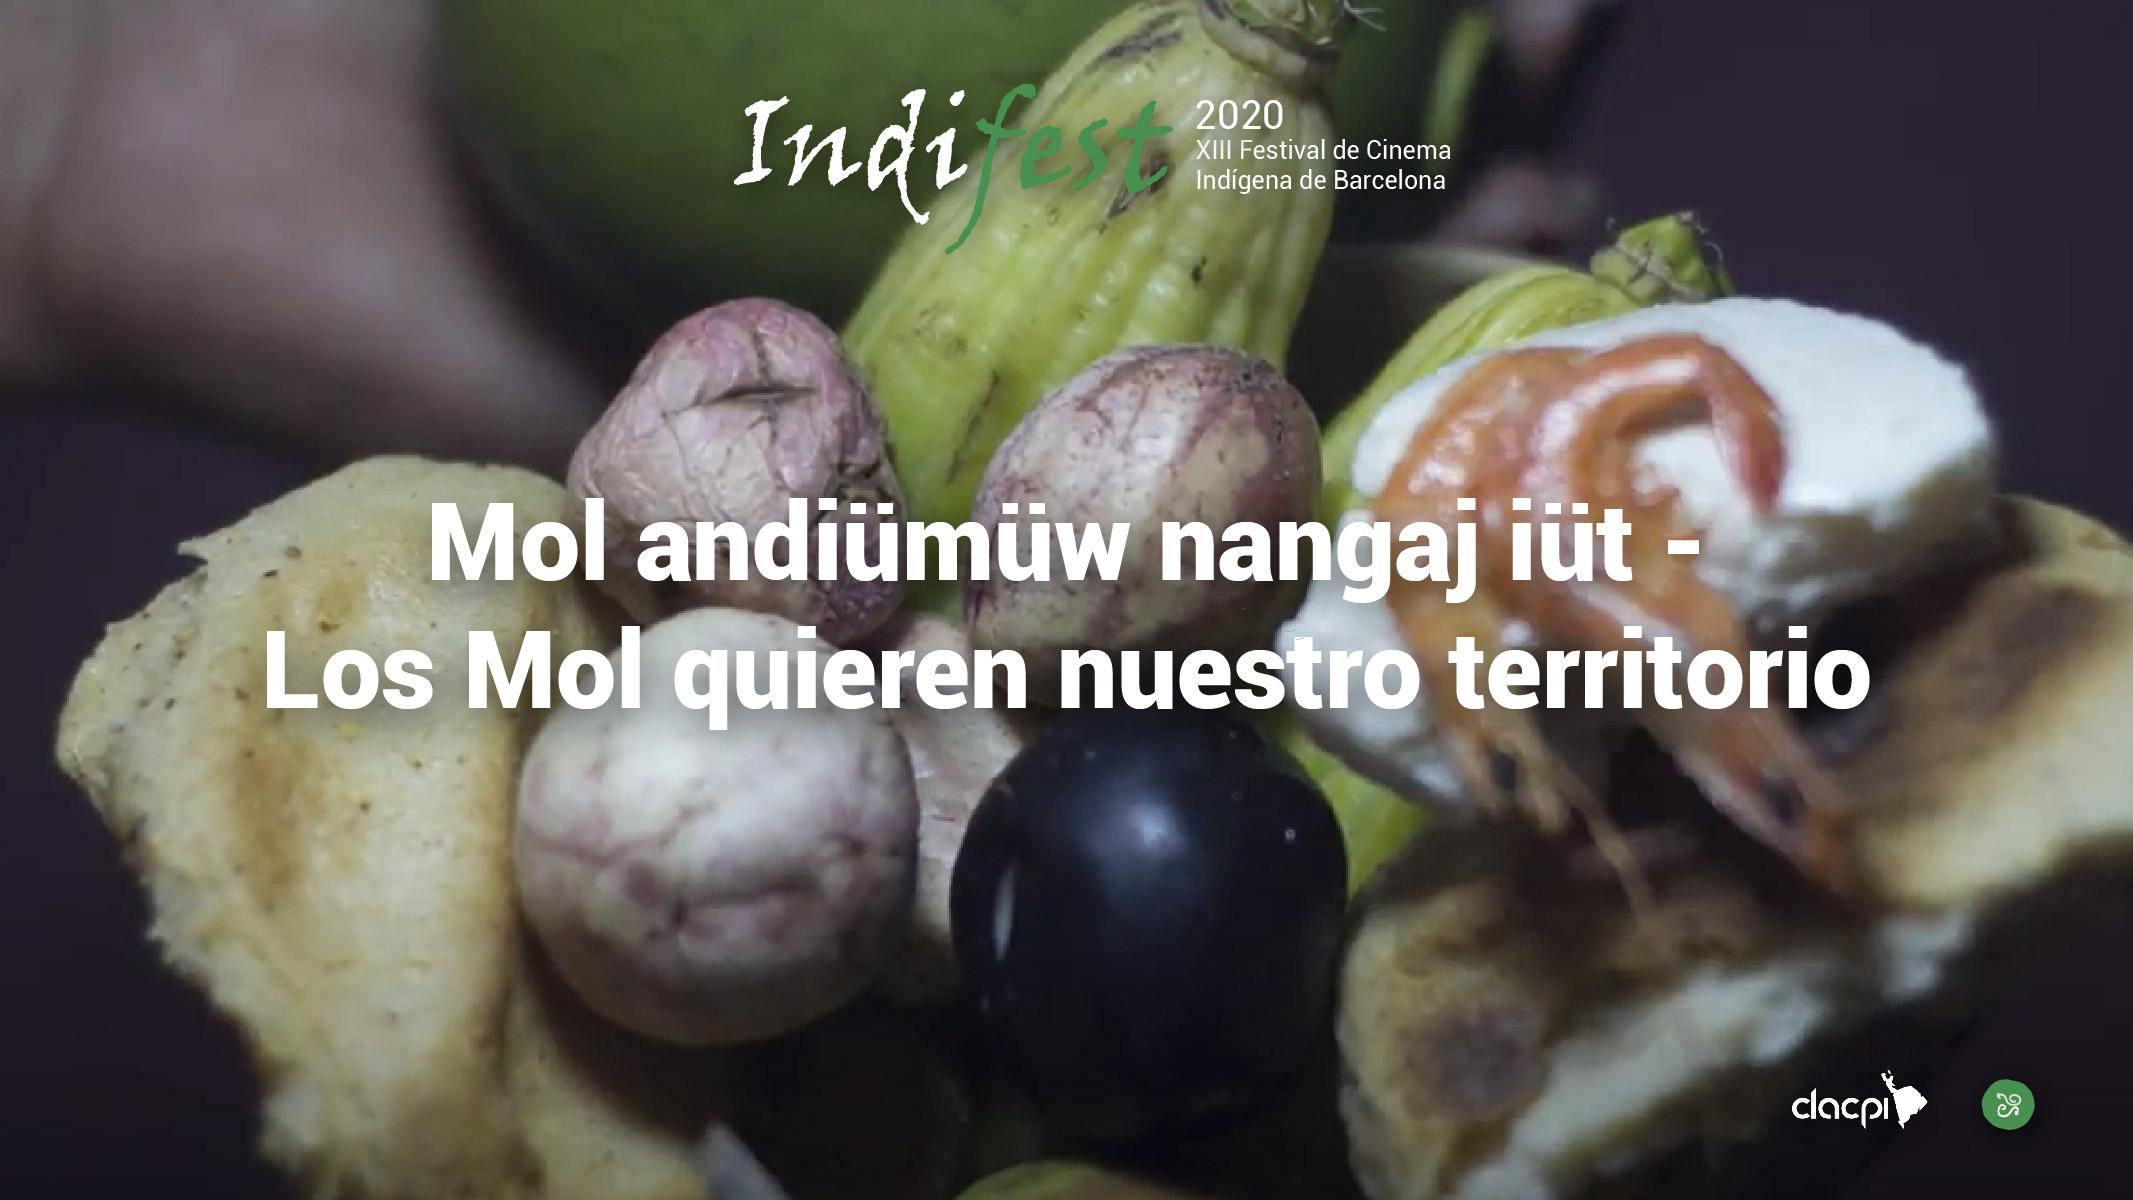 Mol andiümüw nangaj iüt – Los Mol quieren nuestro territorio